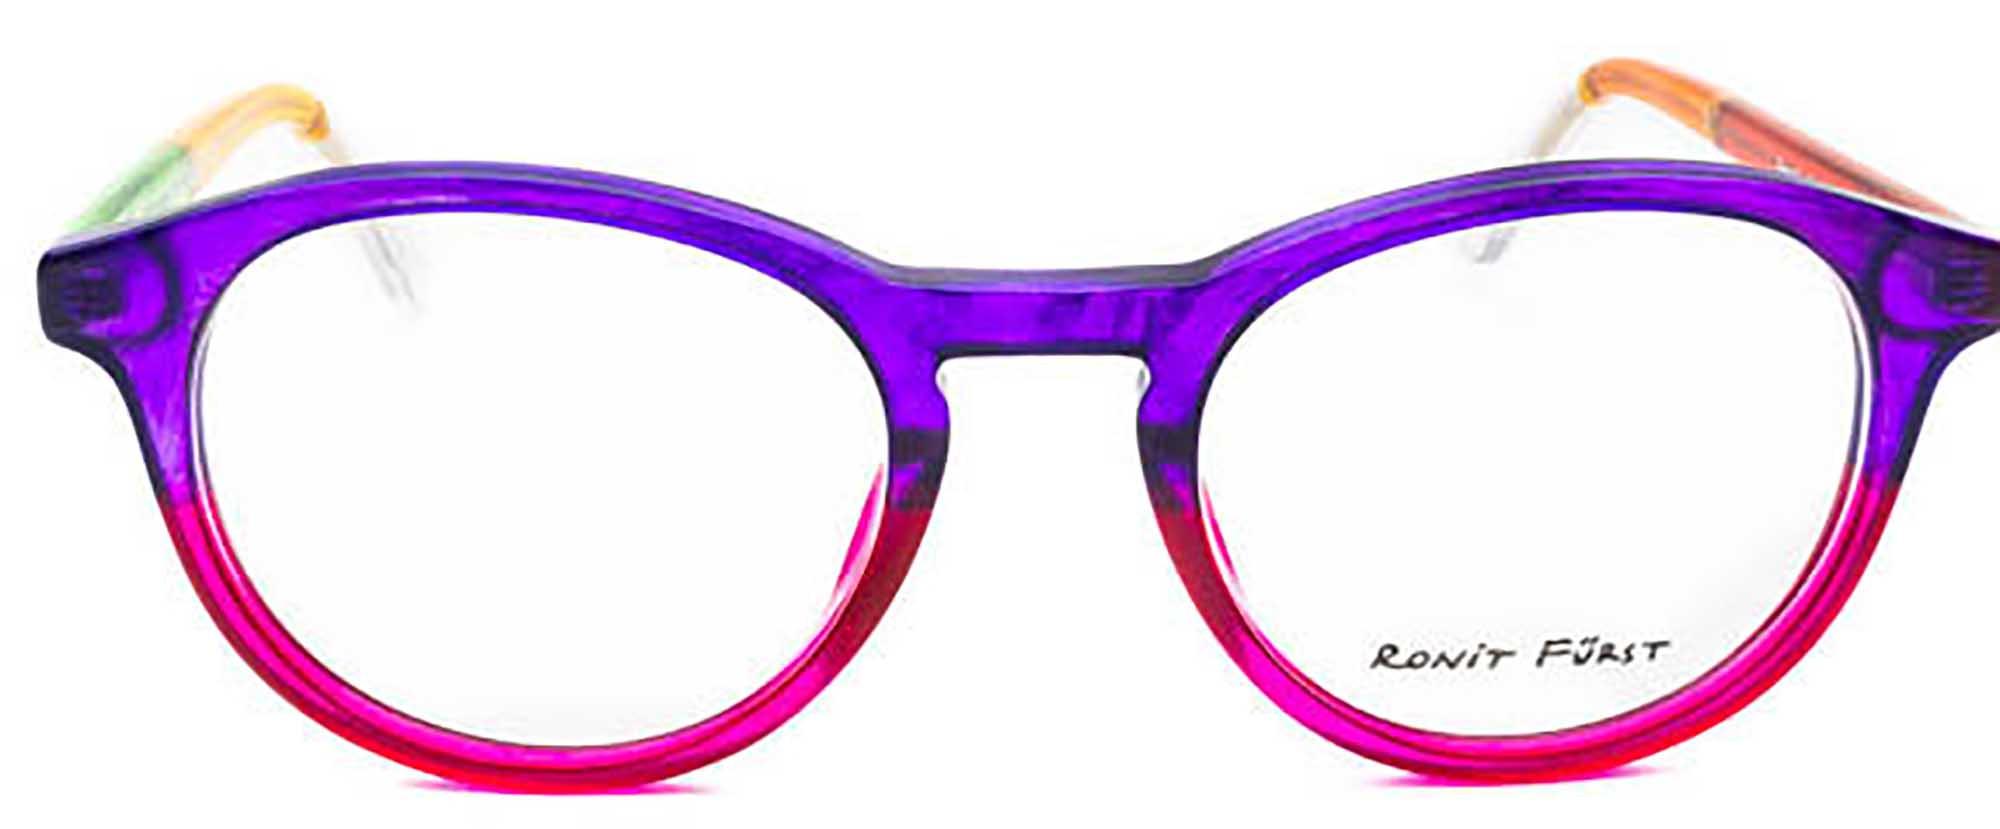 רונית פירסט, משקפיים, מגזין אופנה ישראלי - אופנה - 3